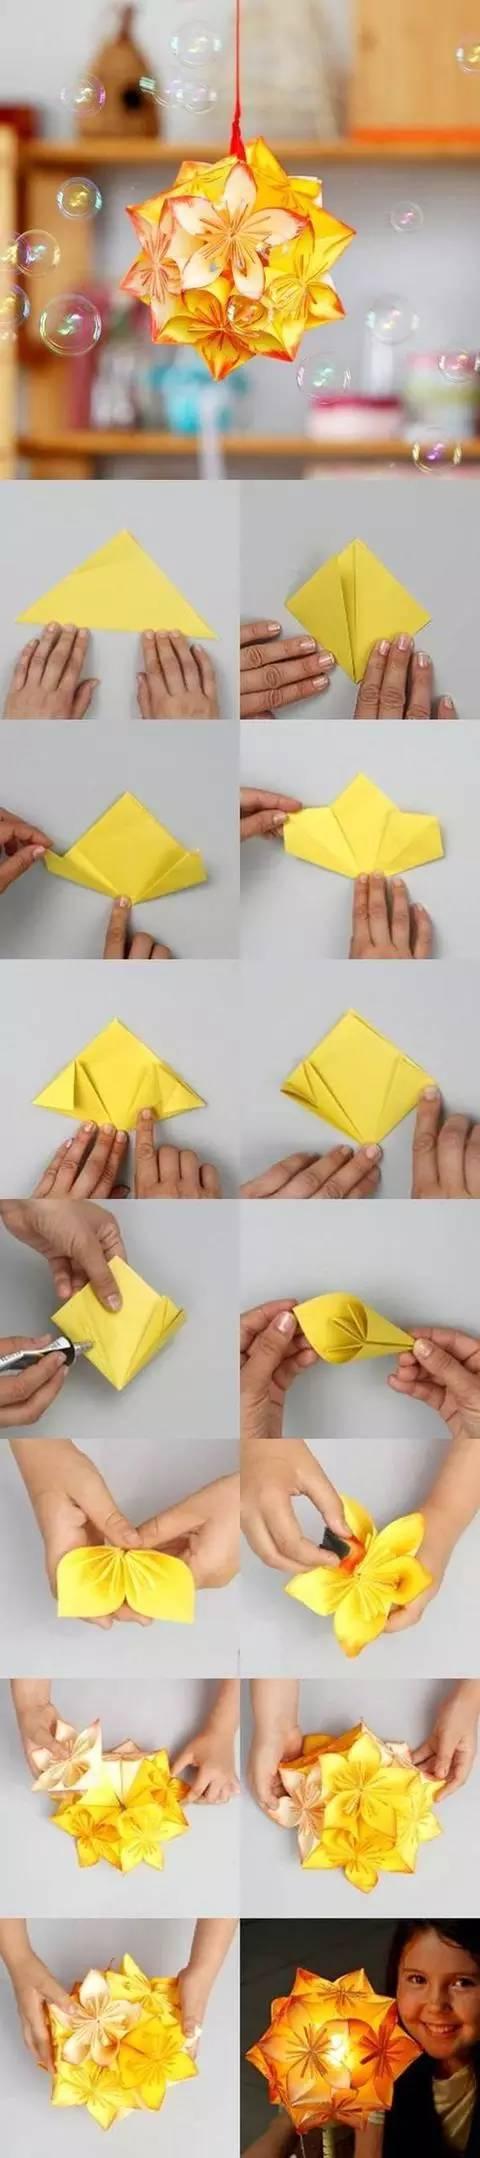 各种折纸花步骤图解-最美的手工吊饰,错过就没有咯图片